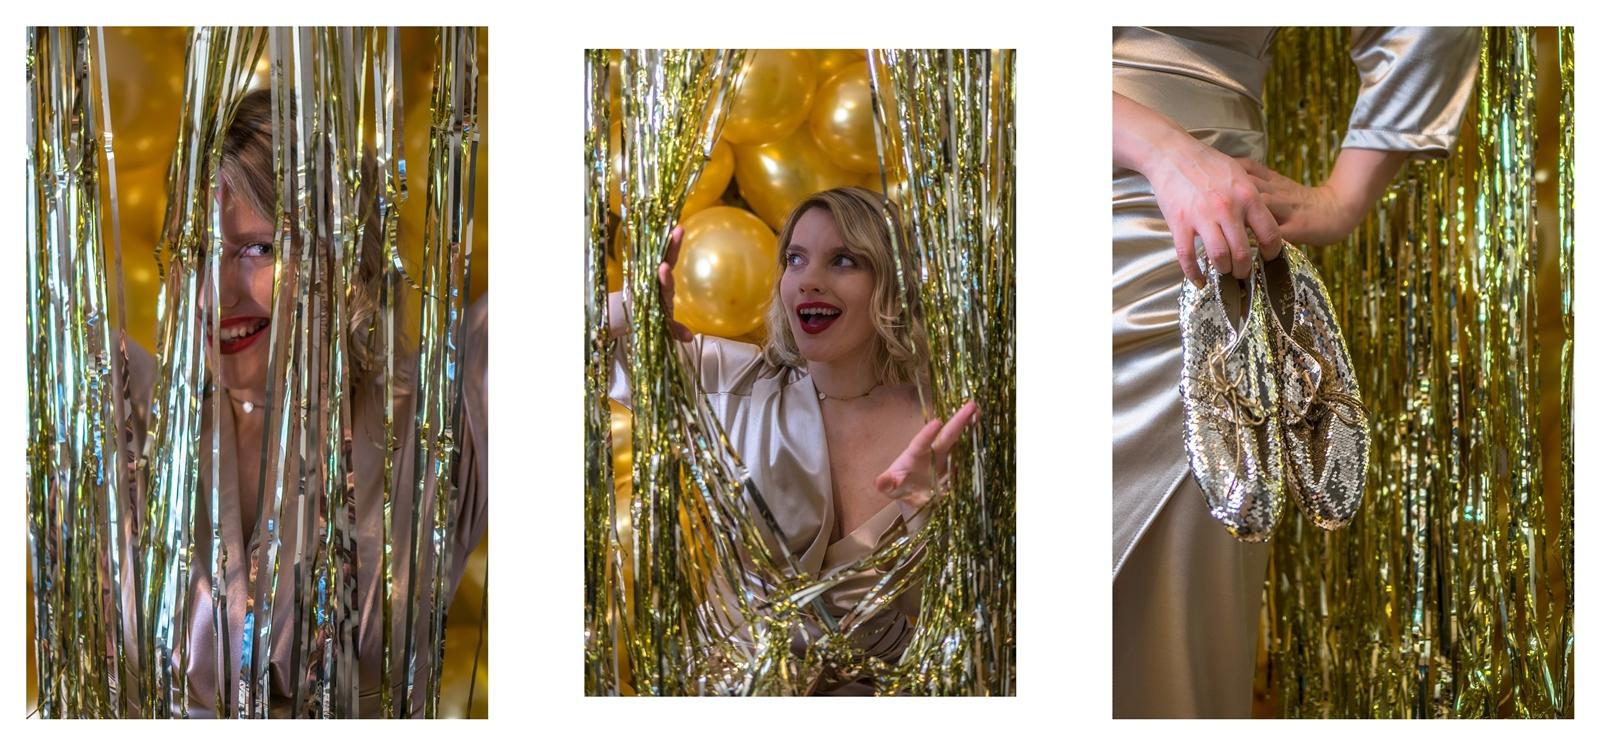 13a sukienki sylwestrowe dla puszystych dla dziewczynek sylwestrowe bluzki bolerka tuniki balony buty sukienki suknie z cekinami dla kobiet łódź sklep eleganckie